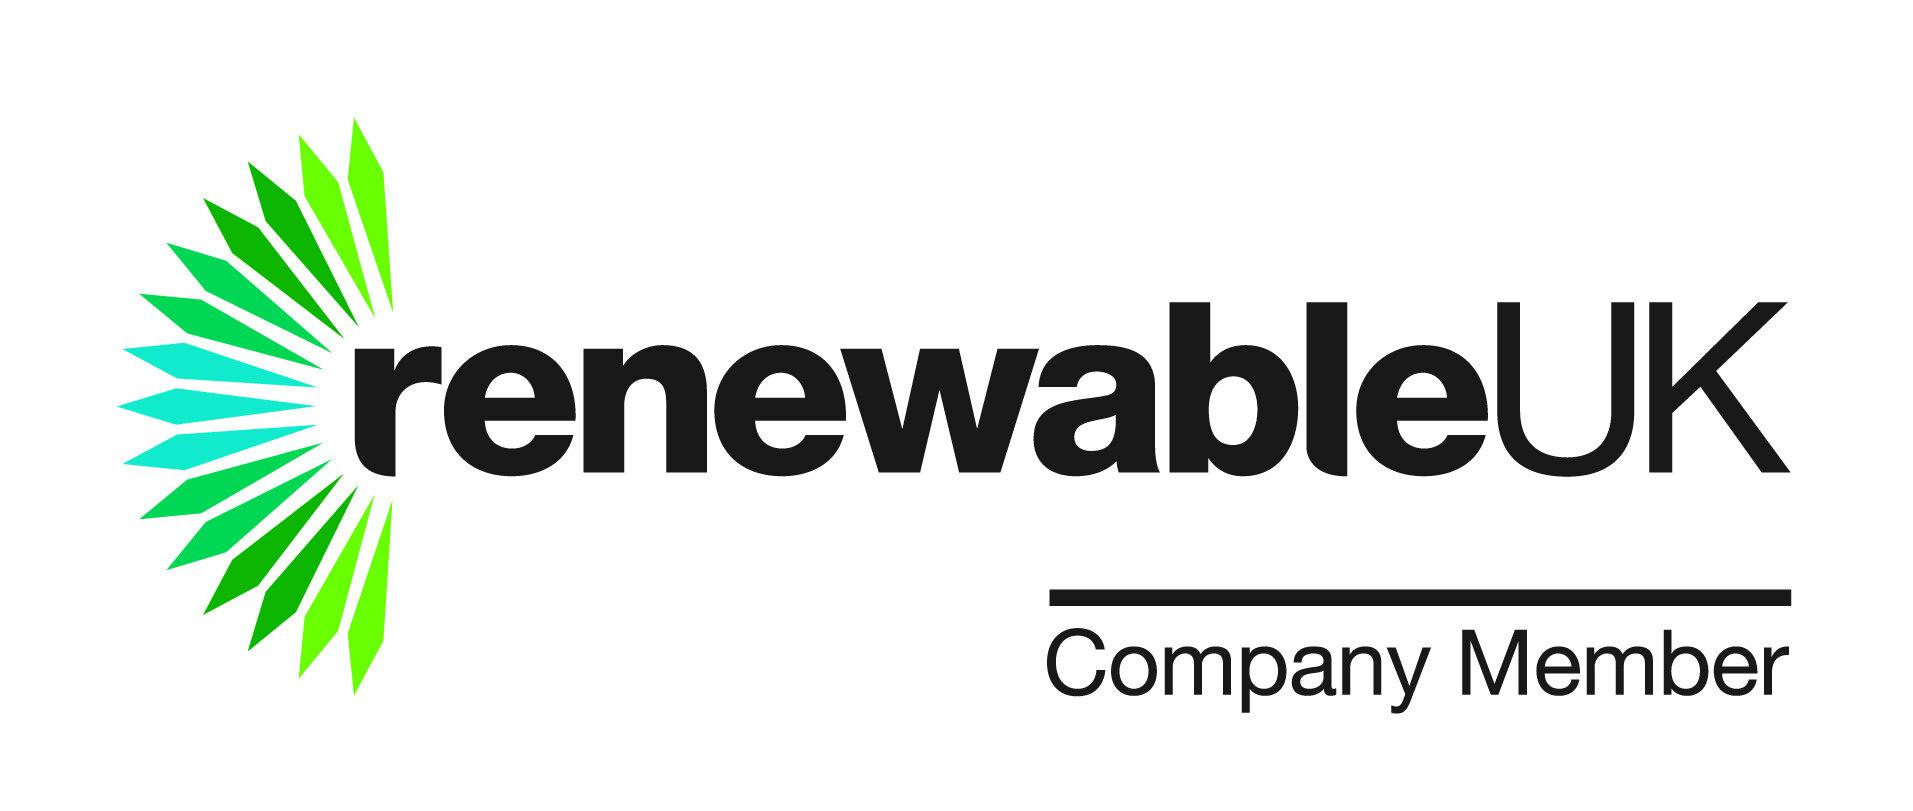 RenewableUK-C-Member_SR_CMYK.jpg